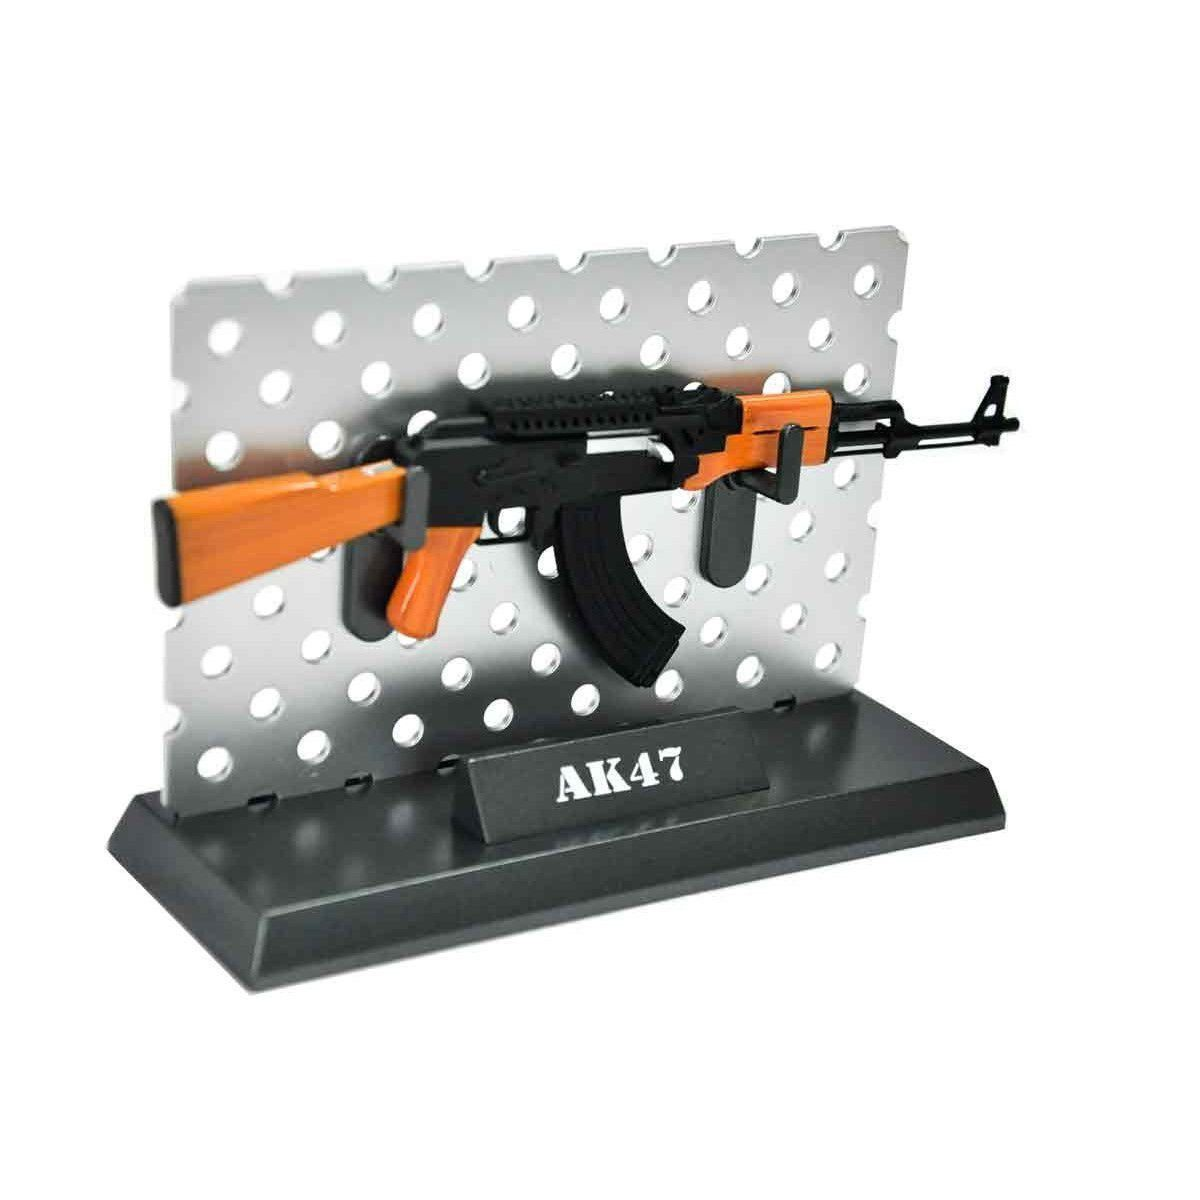 Miniatura Decorativa Rifle Ak-47 Arsenal Guns